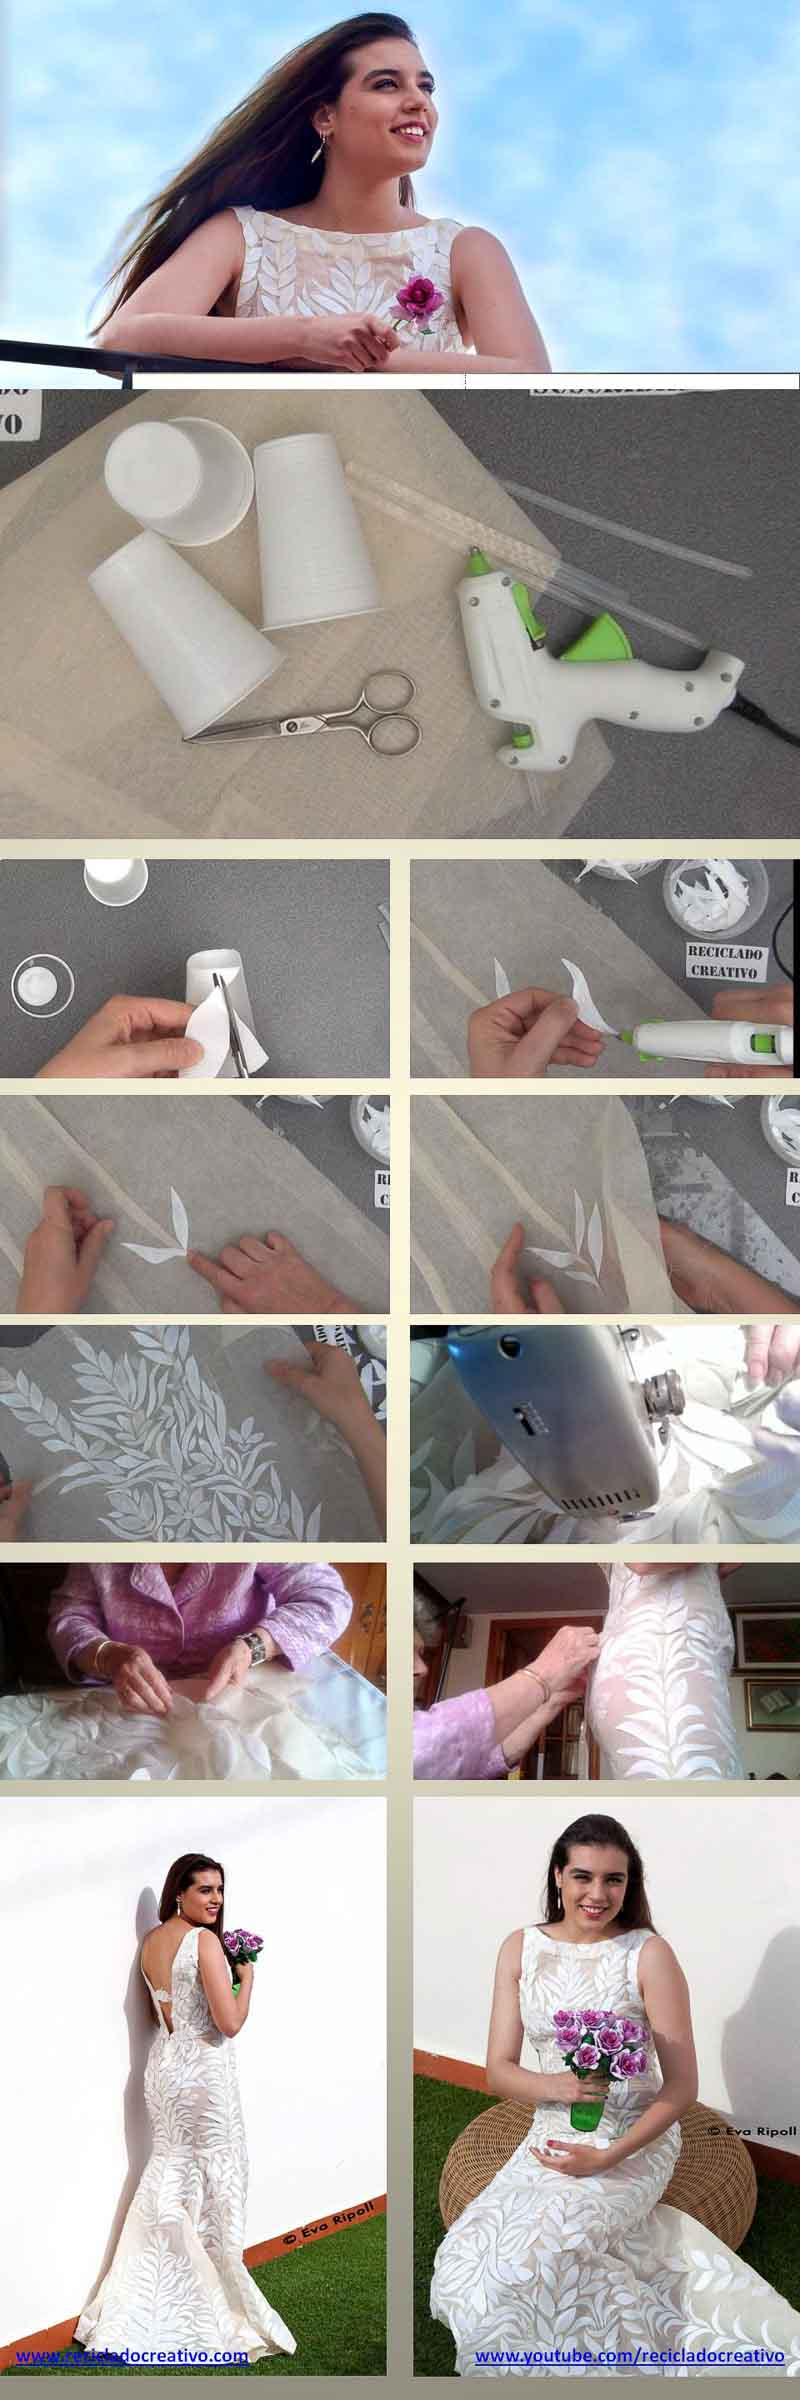 Cómo hacer un vestido de novia con vasos de usar y tirar